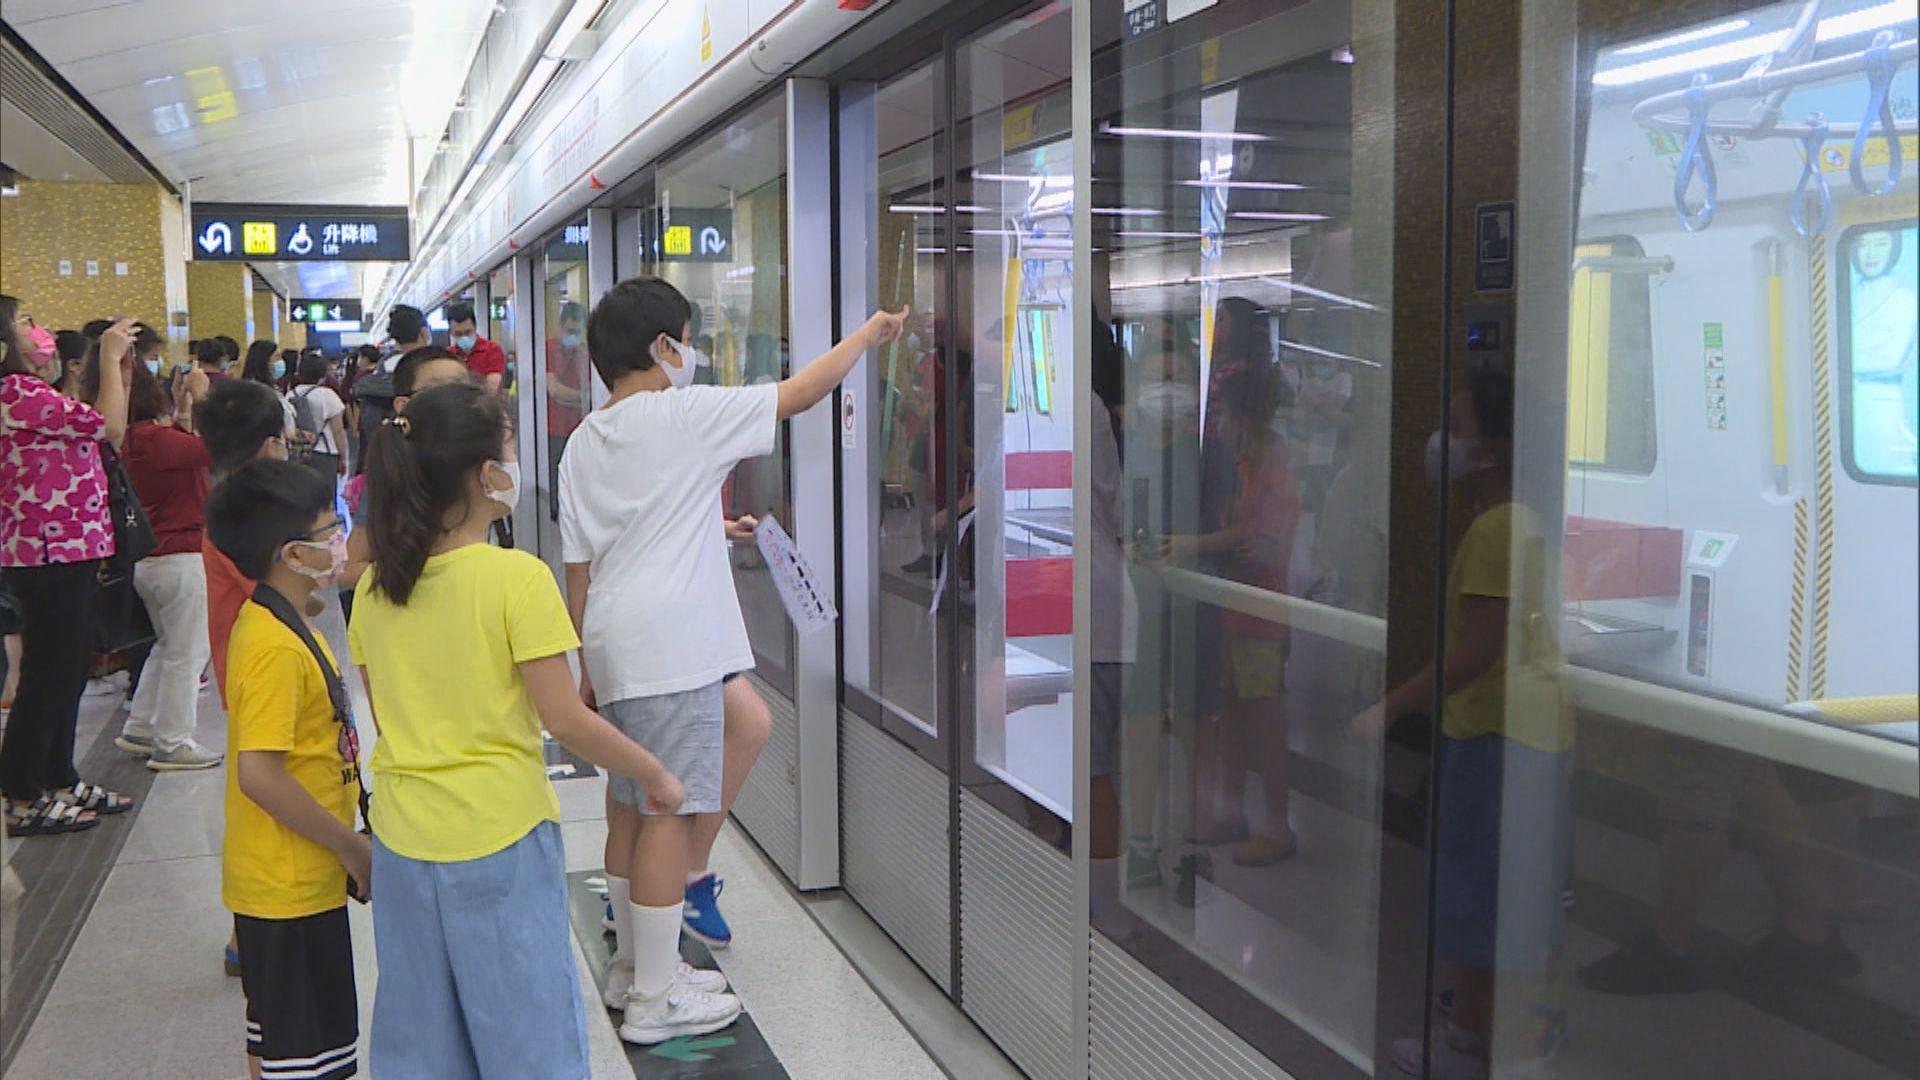 宋皇臺站舉行開放日 有居民預約參觀了解環境